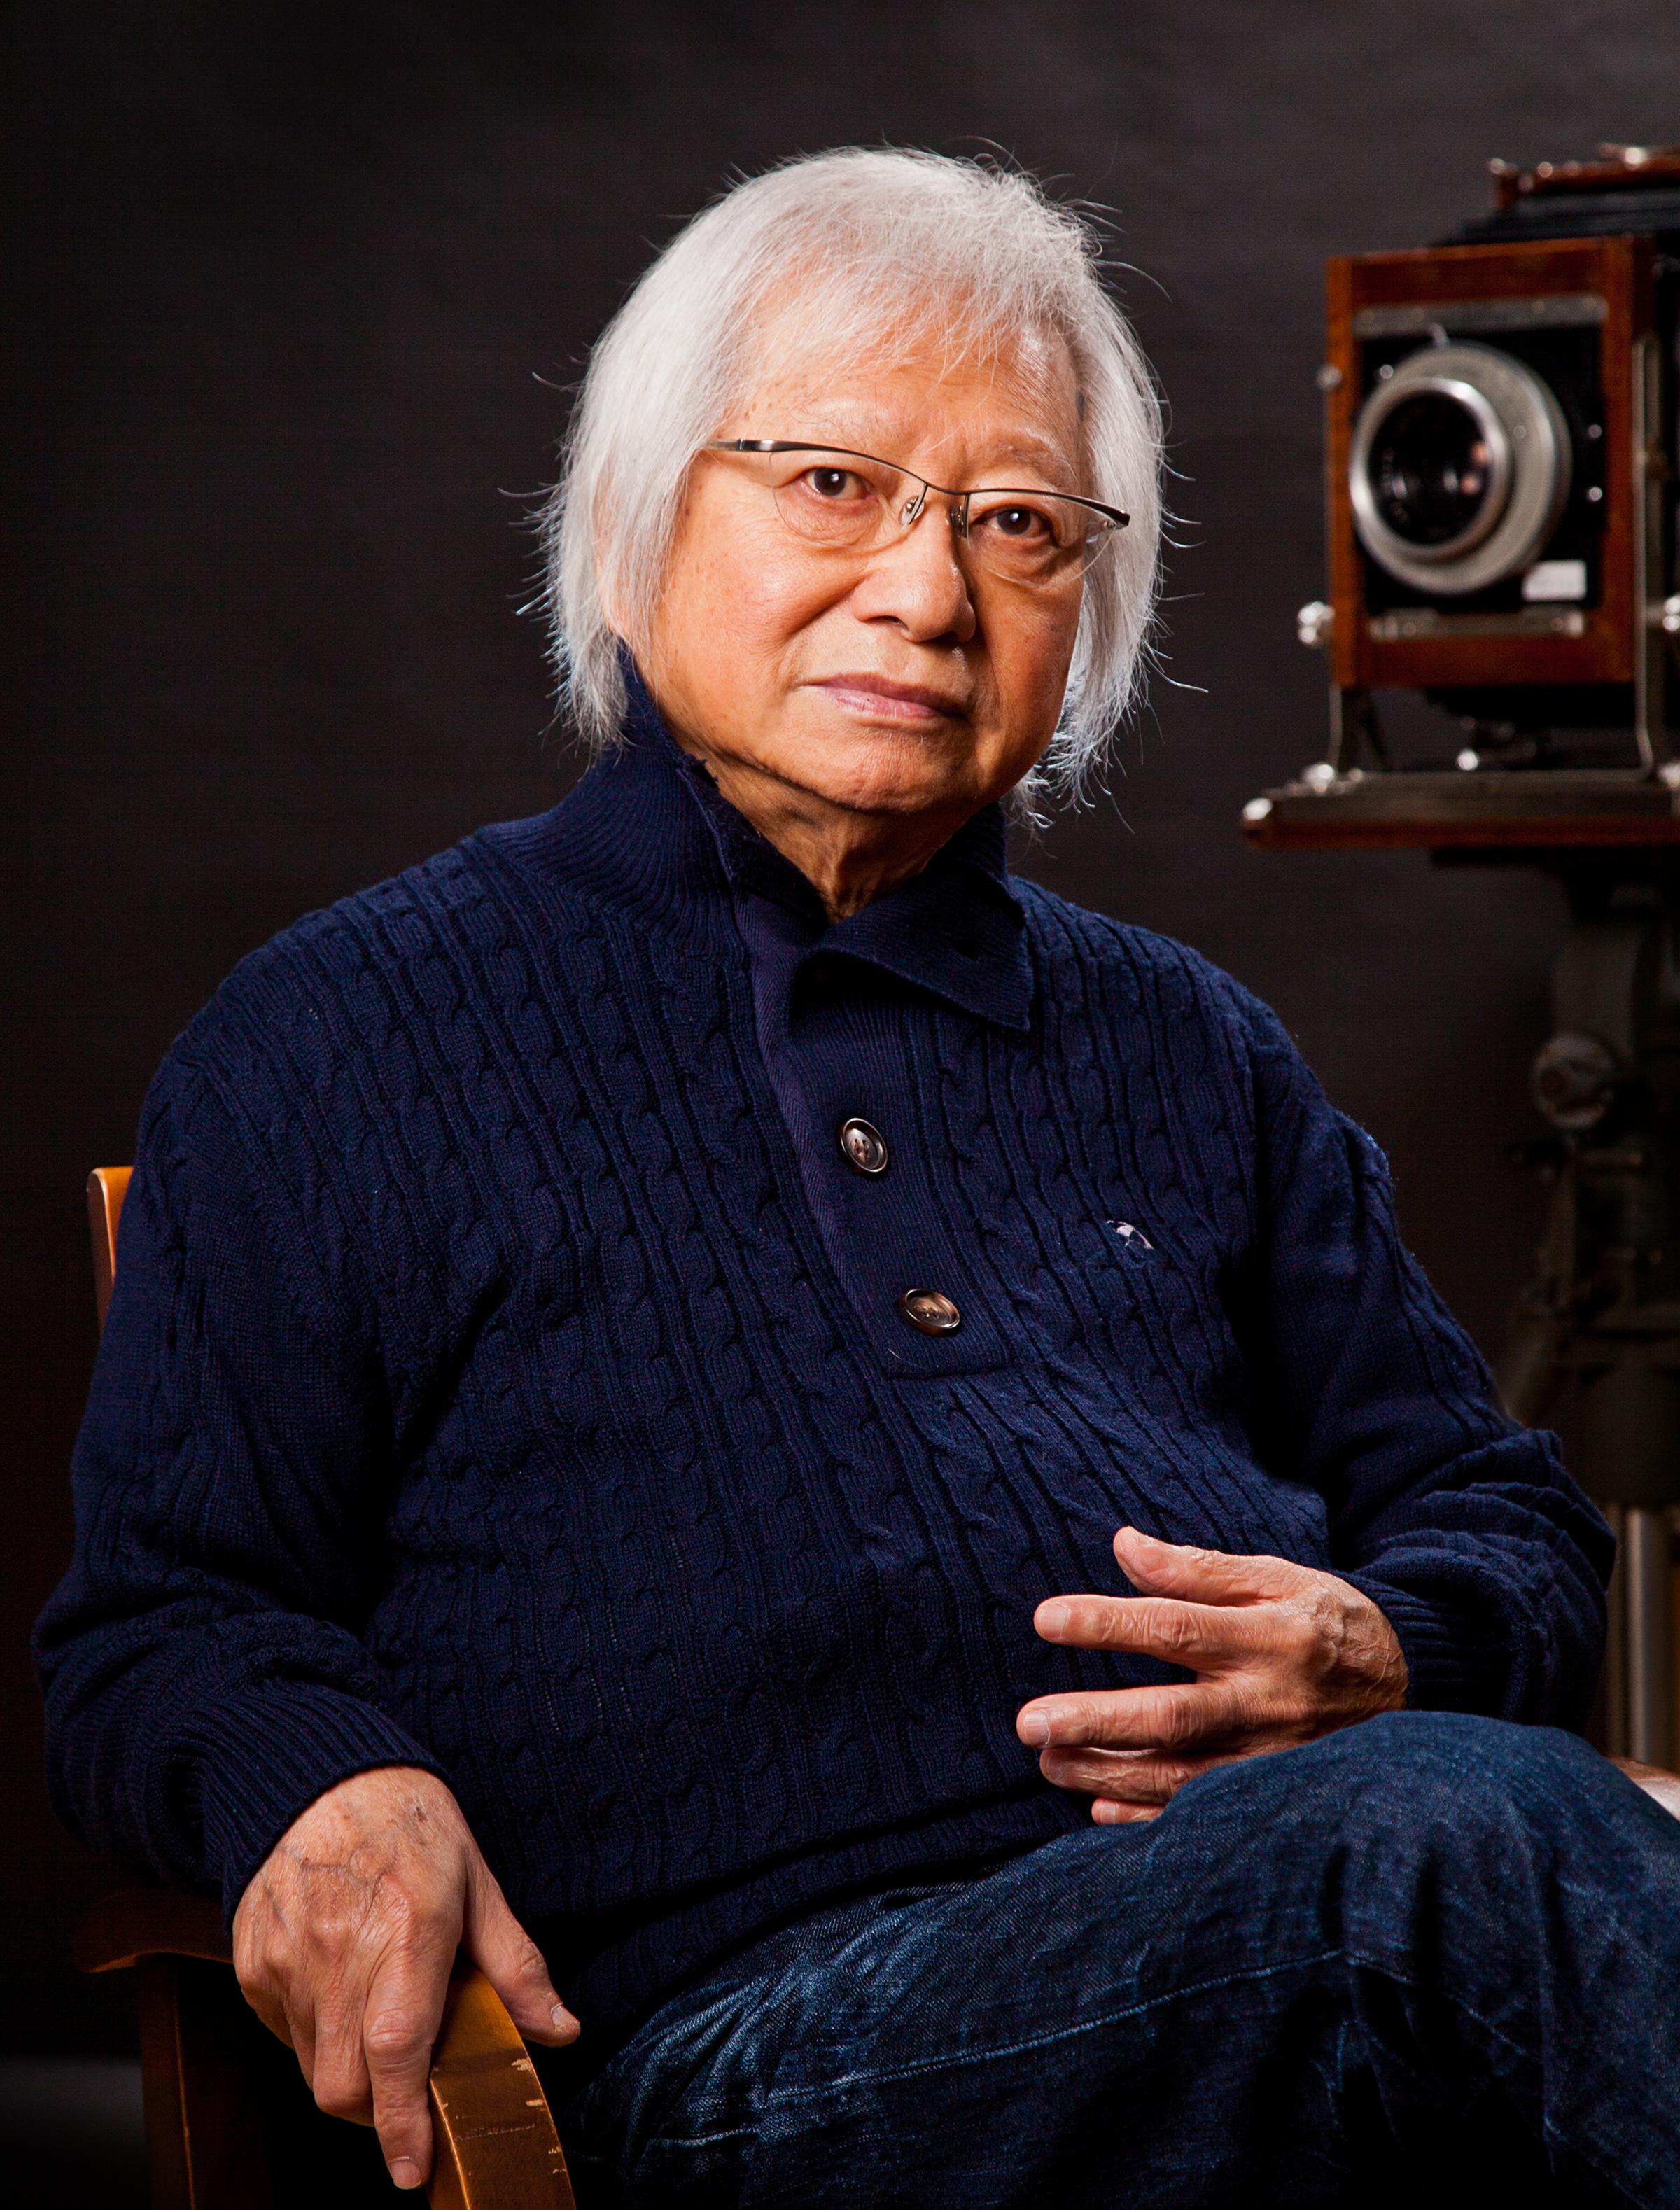 82歲的柯錫杰 拿起相機就只有28歲